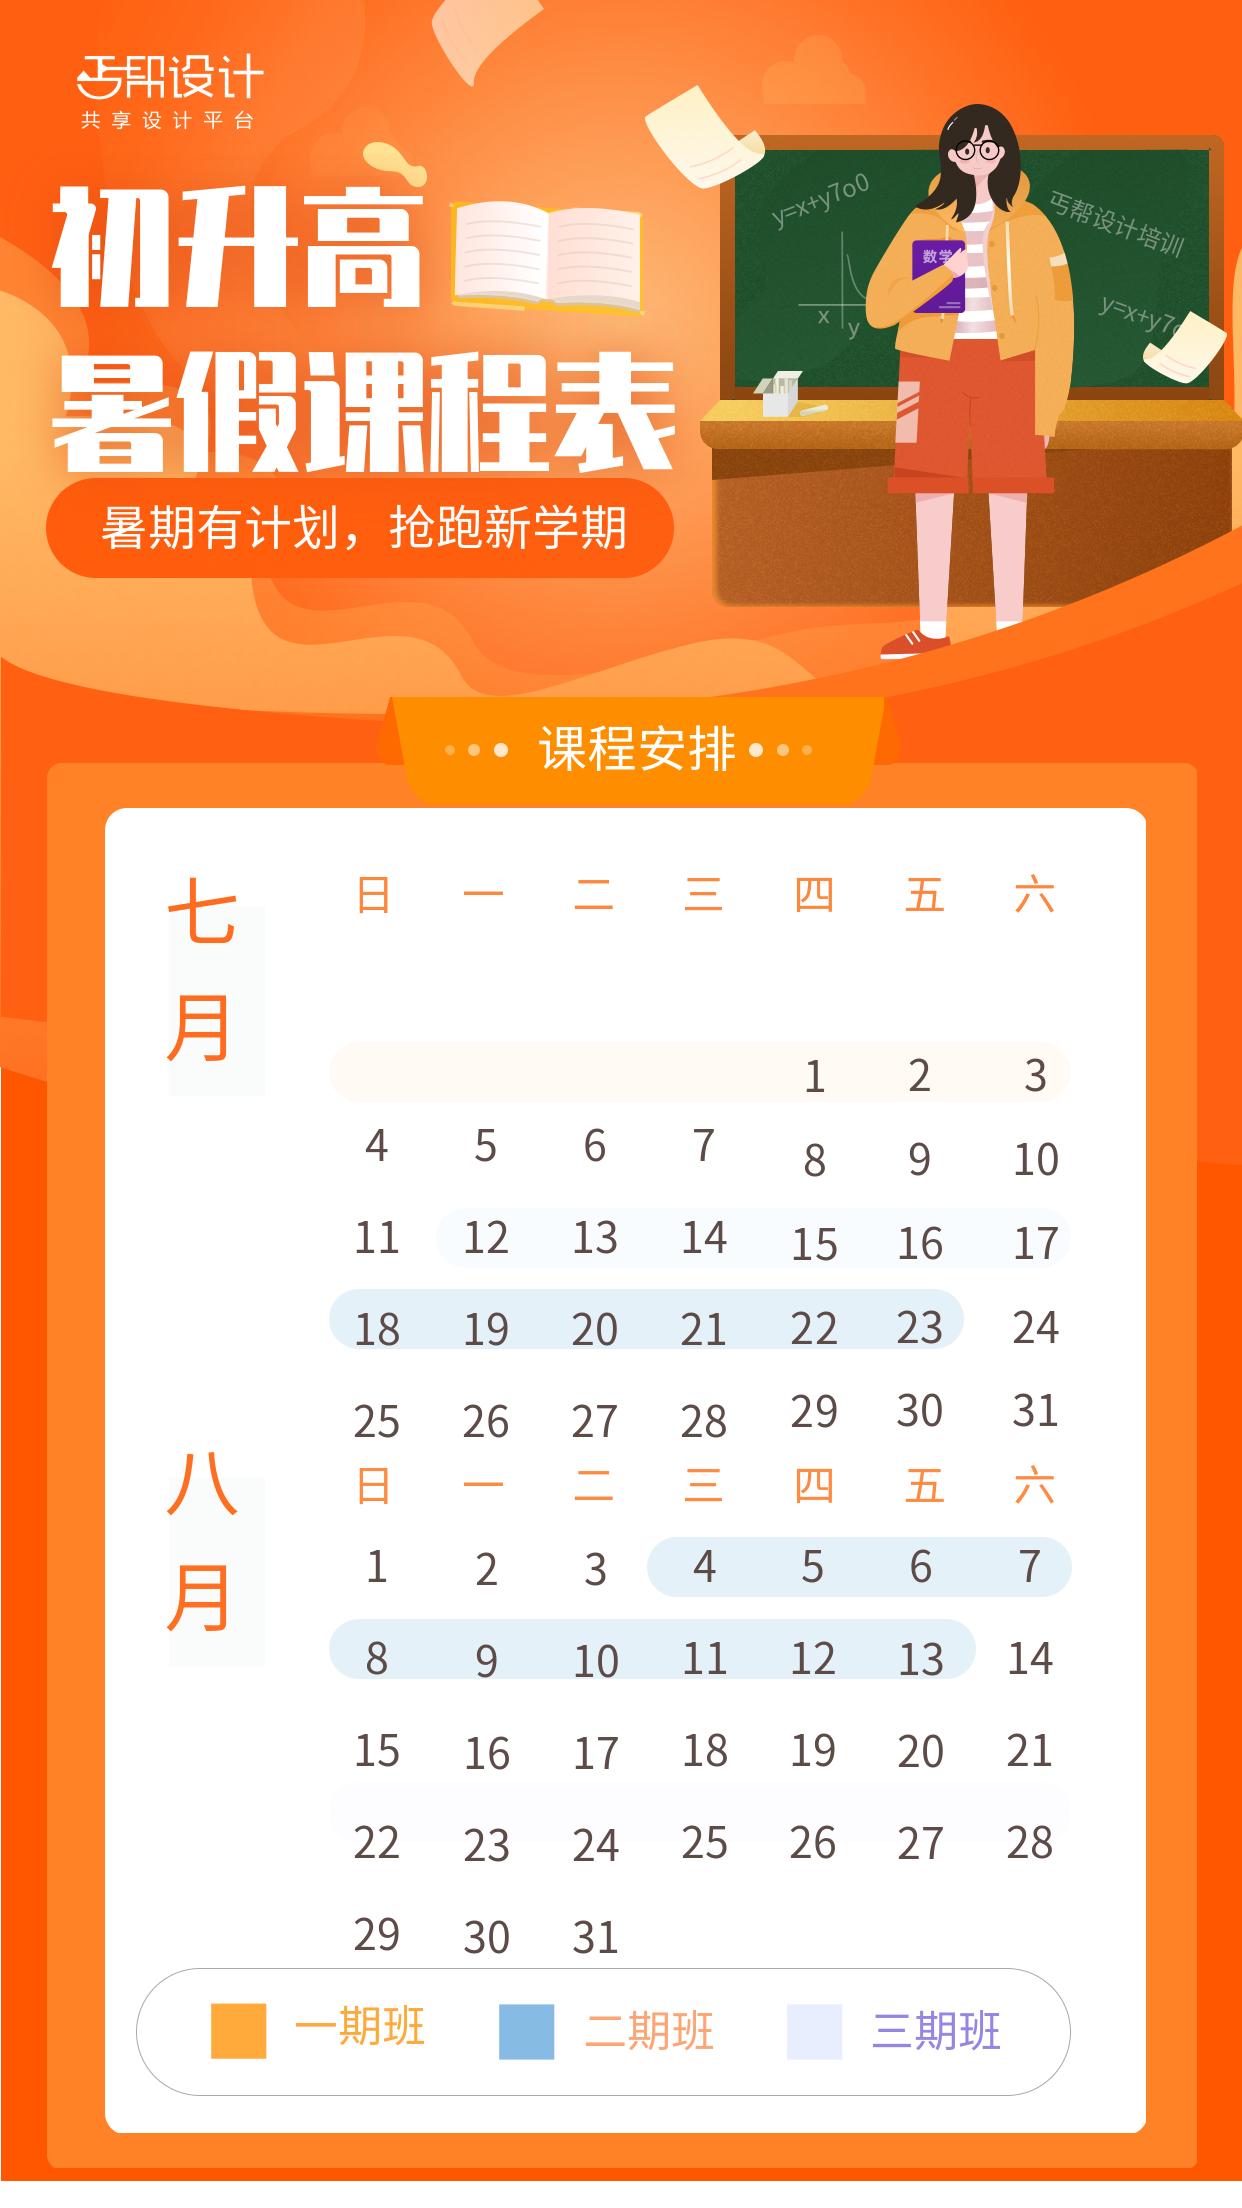 暑假培训班课程安排计划课程表通知公告手机海报